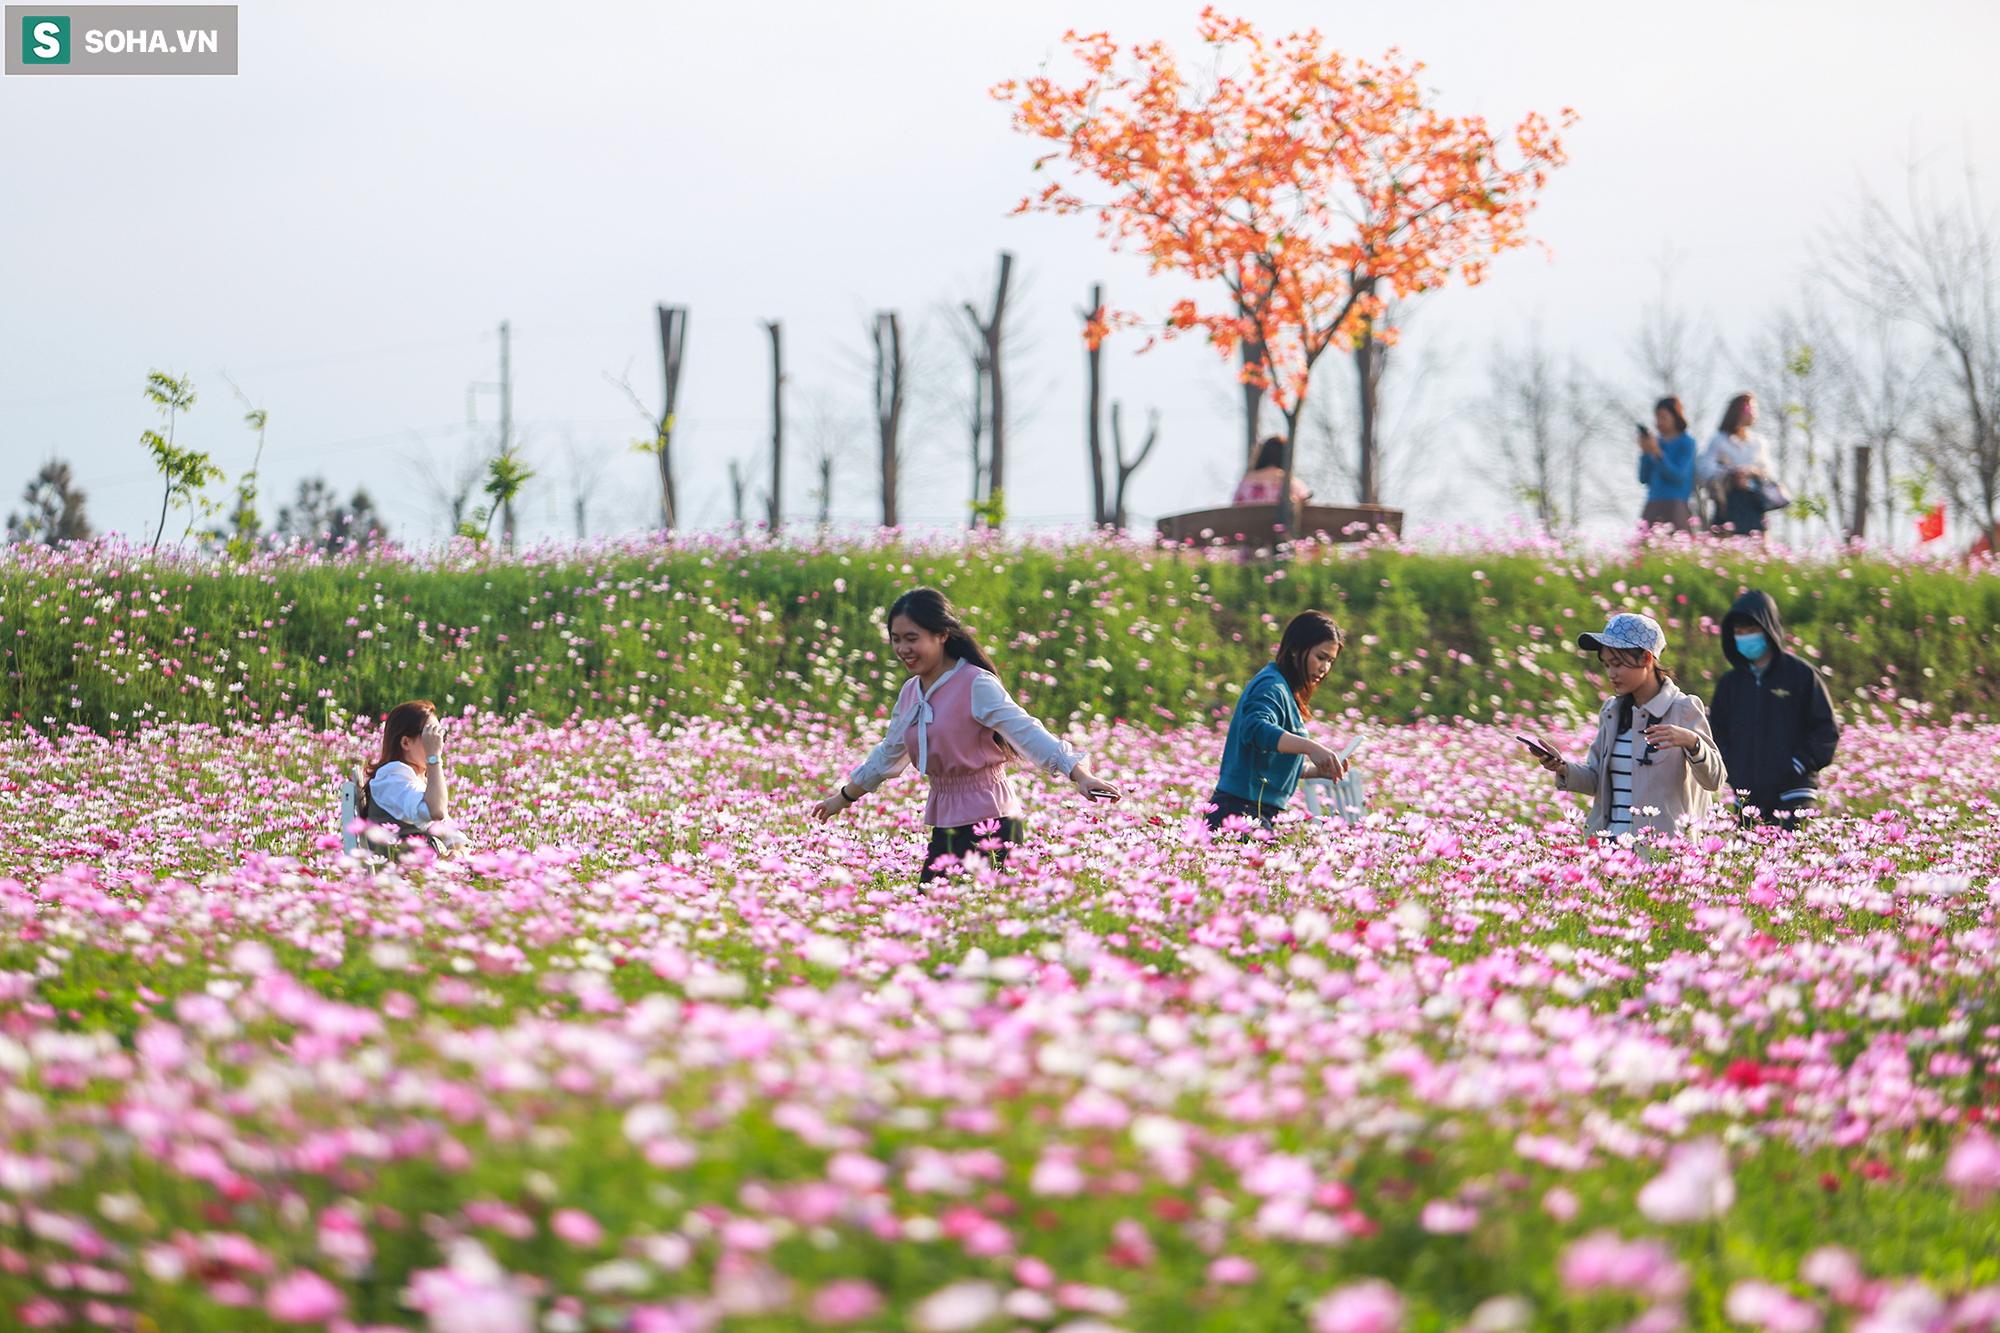 Mê mẩn cánh đồng hoa sao nhái đầy màu sắc được giới trẻ săn tìm để check-in ở Quảng Bình - Ảnh 6.